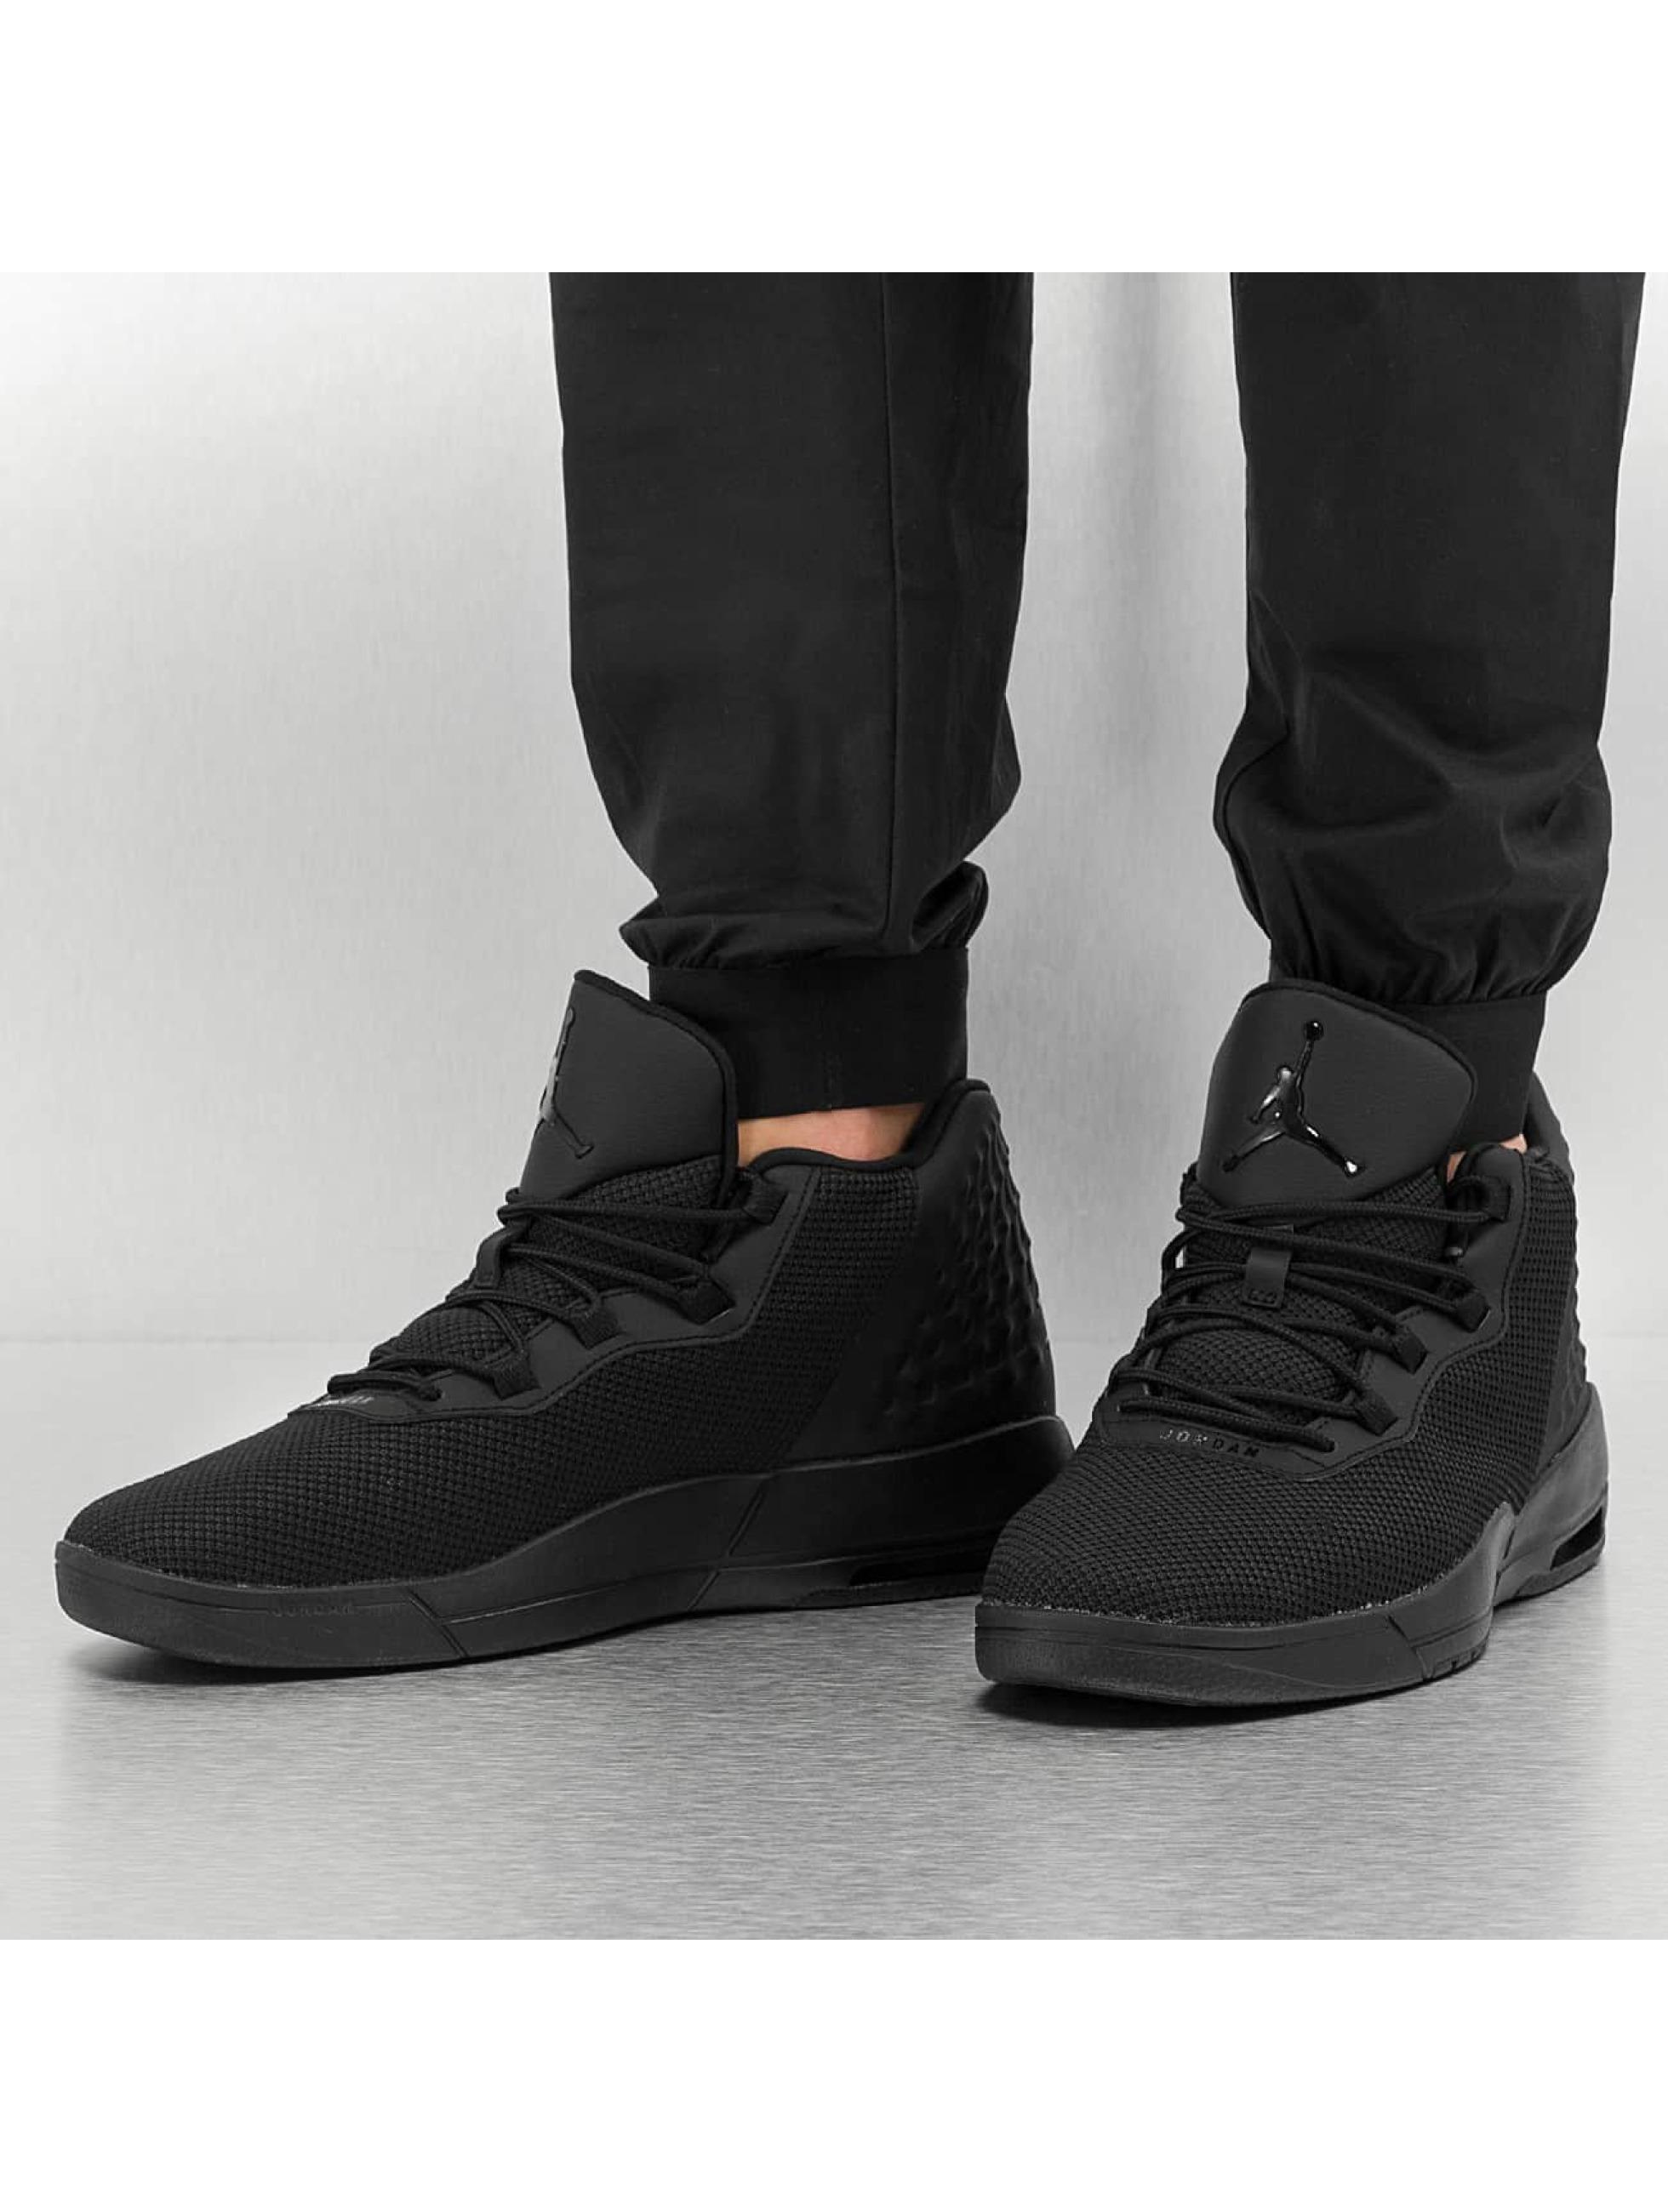 Royaume-Uni disponibilité 6fee3 ac230 Basket Future Noir Jordan Air Chaussures officiel DE92HI